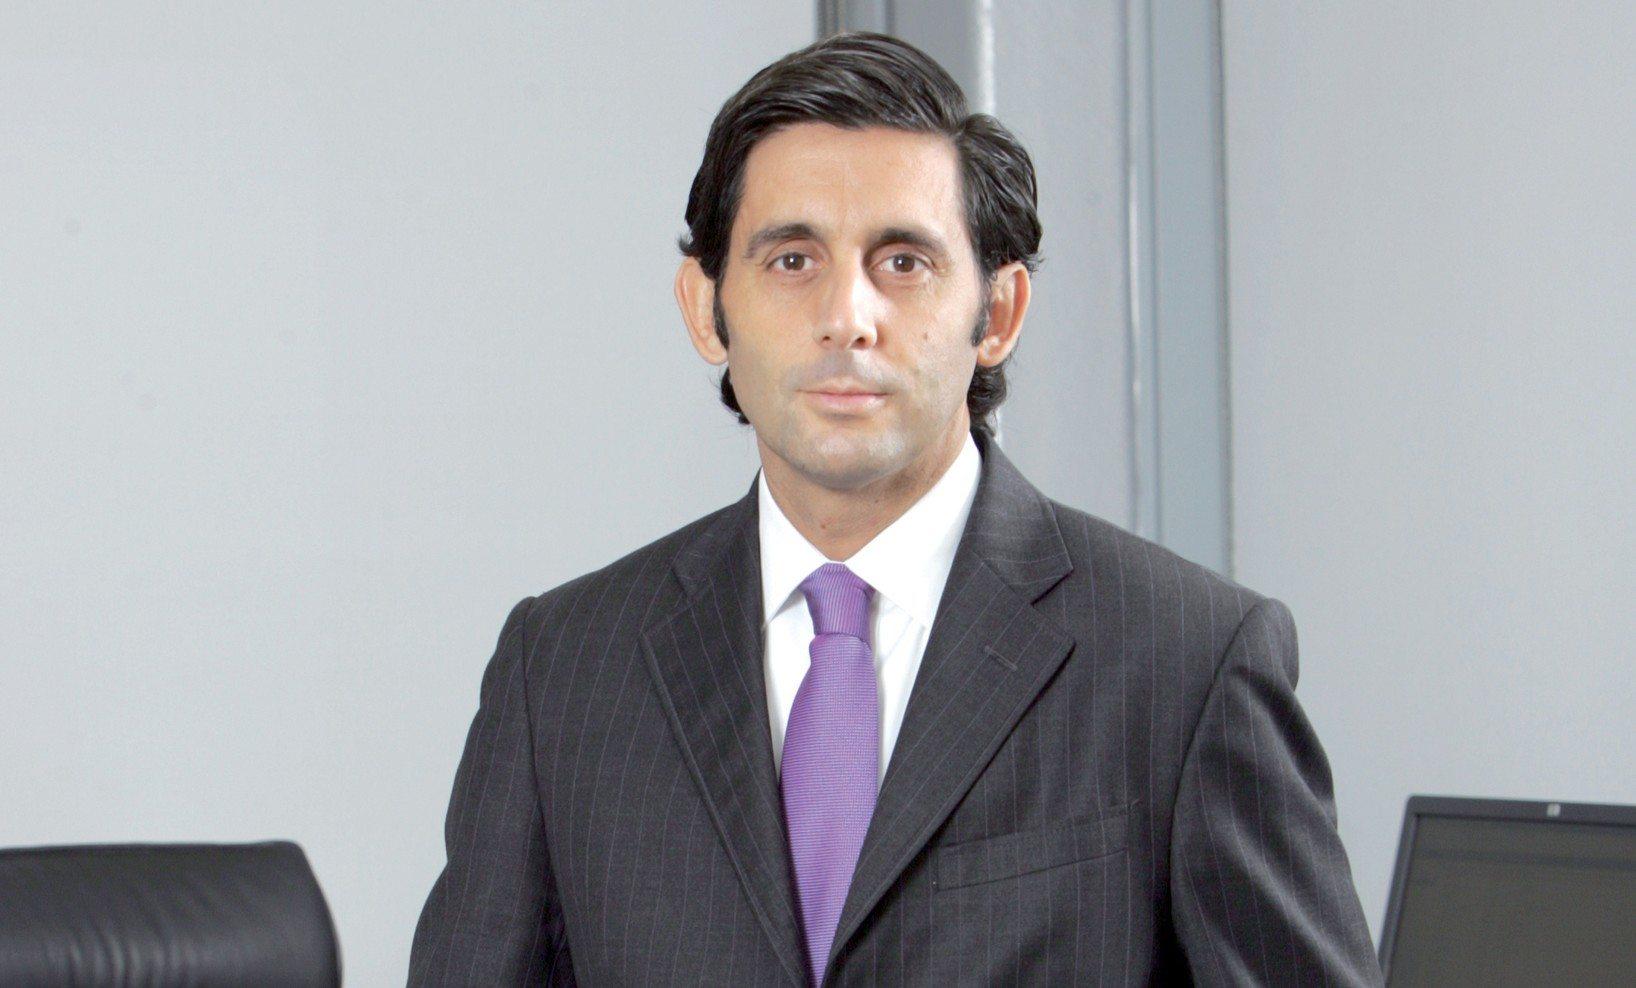 Consejo de Administración de Telefónica nombra a su nuevo presidente